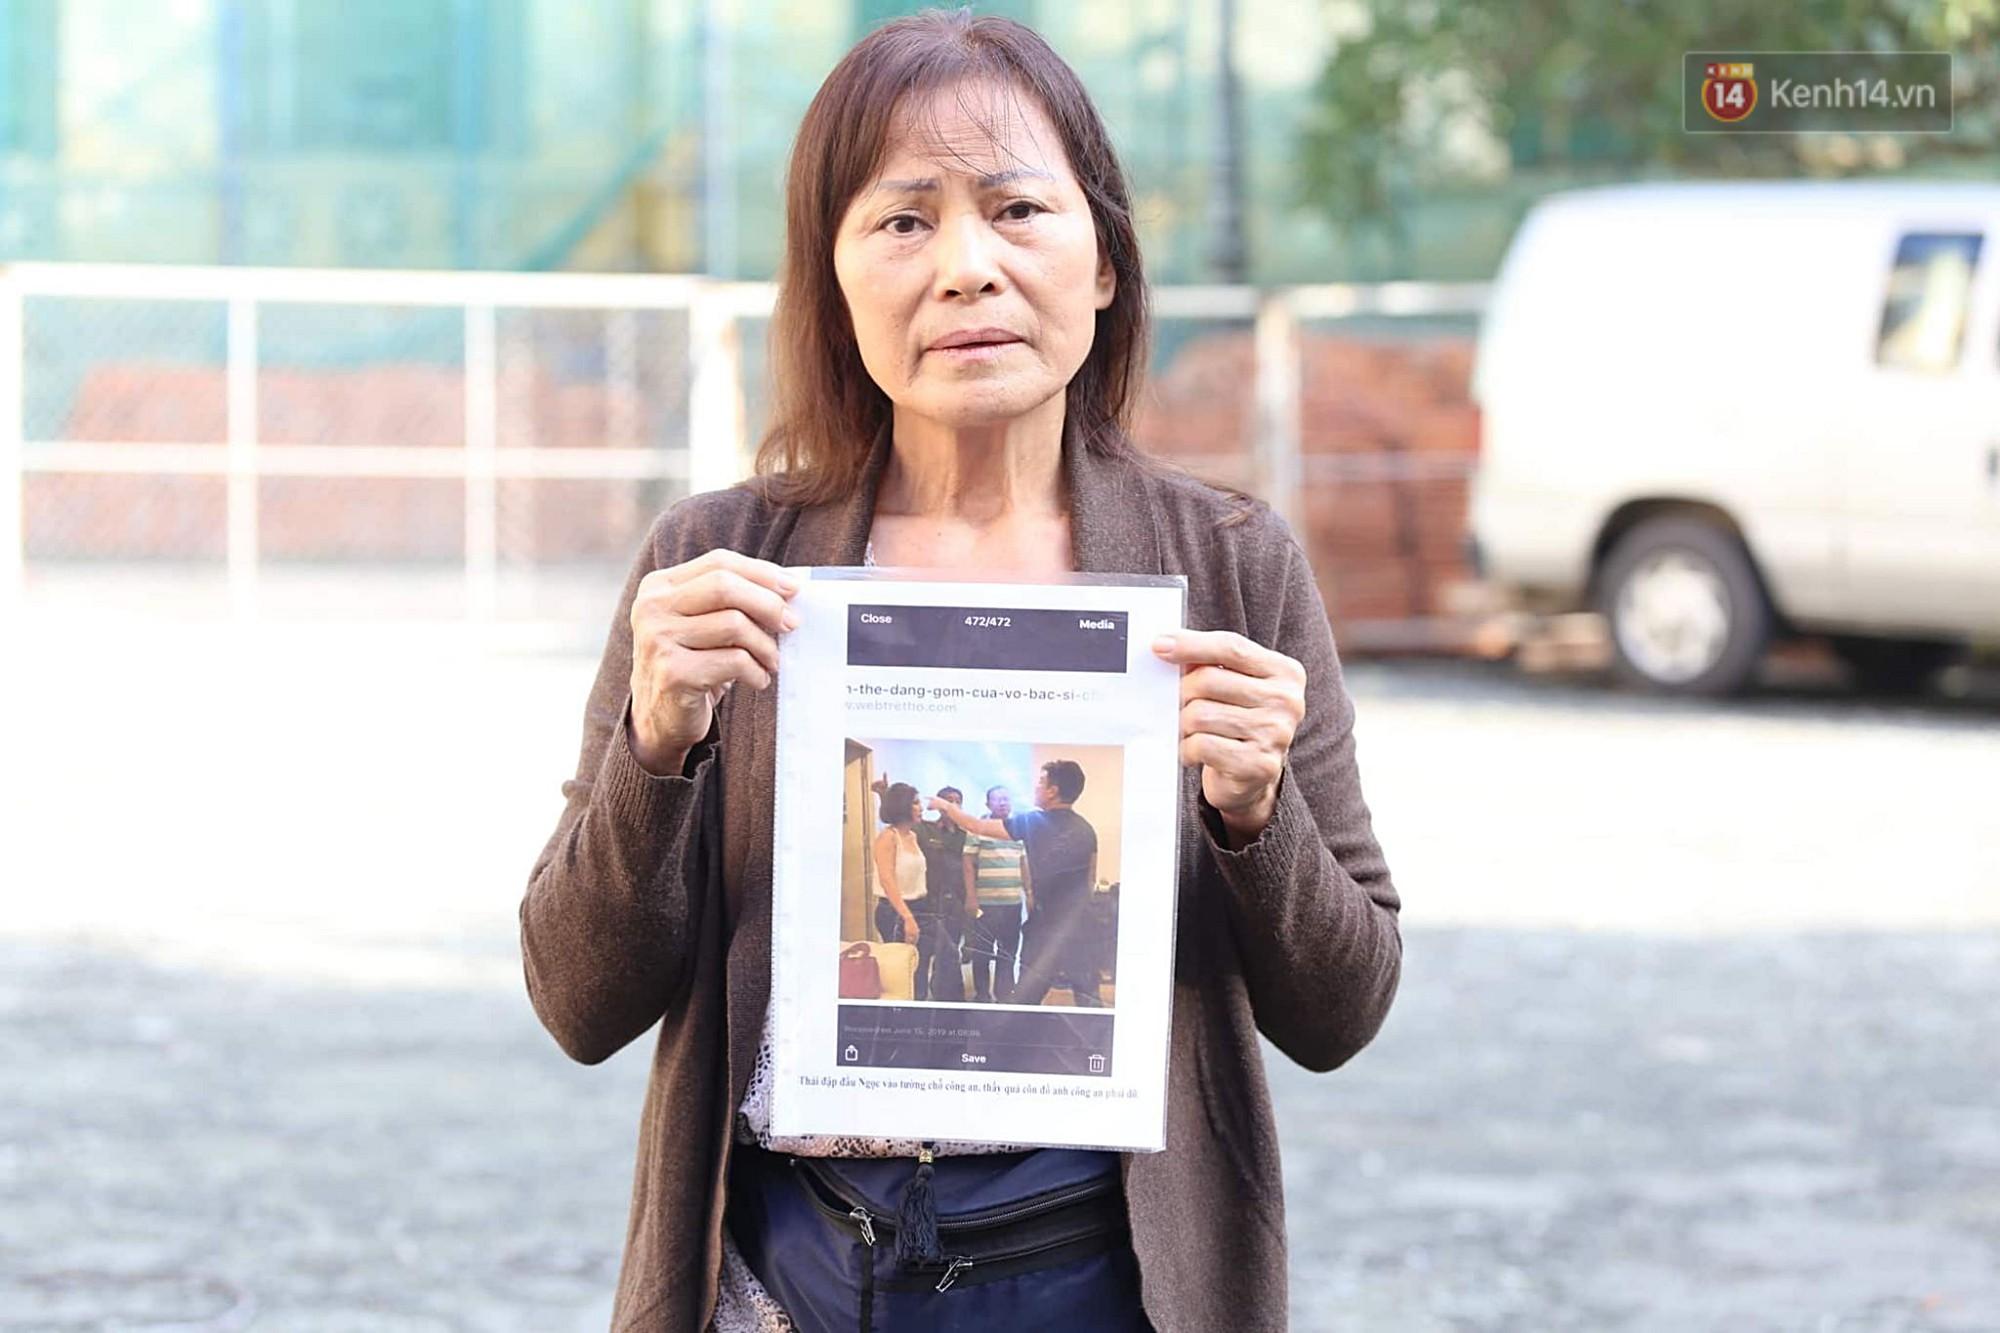 Bác sĩ Chiêm Quốc Thái và mẹ vợ đấu khẩu gay gắt trước phiên tòa xét xử vụ vợ bỏ 1 tỷ thuê giang hồ truy sát chồng-3